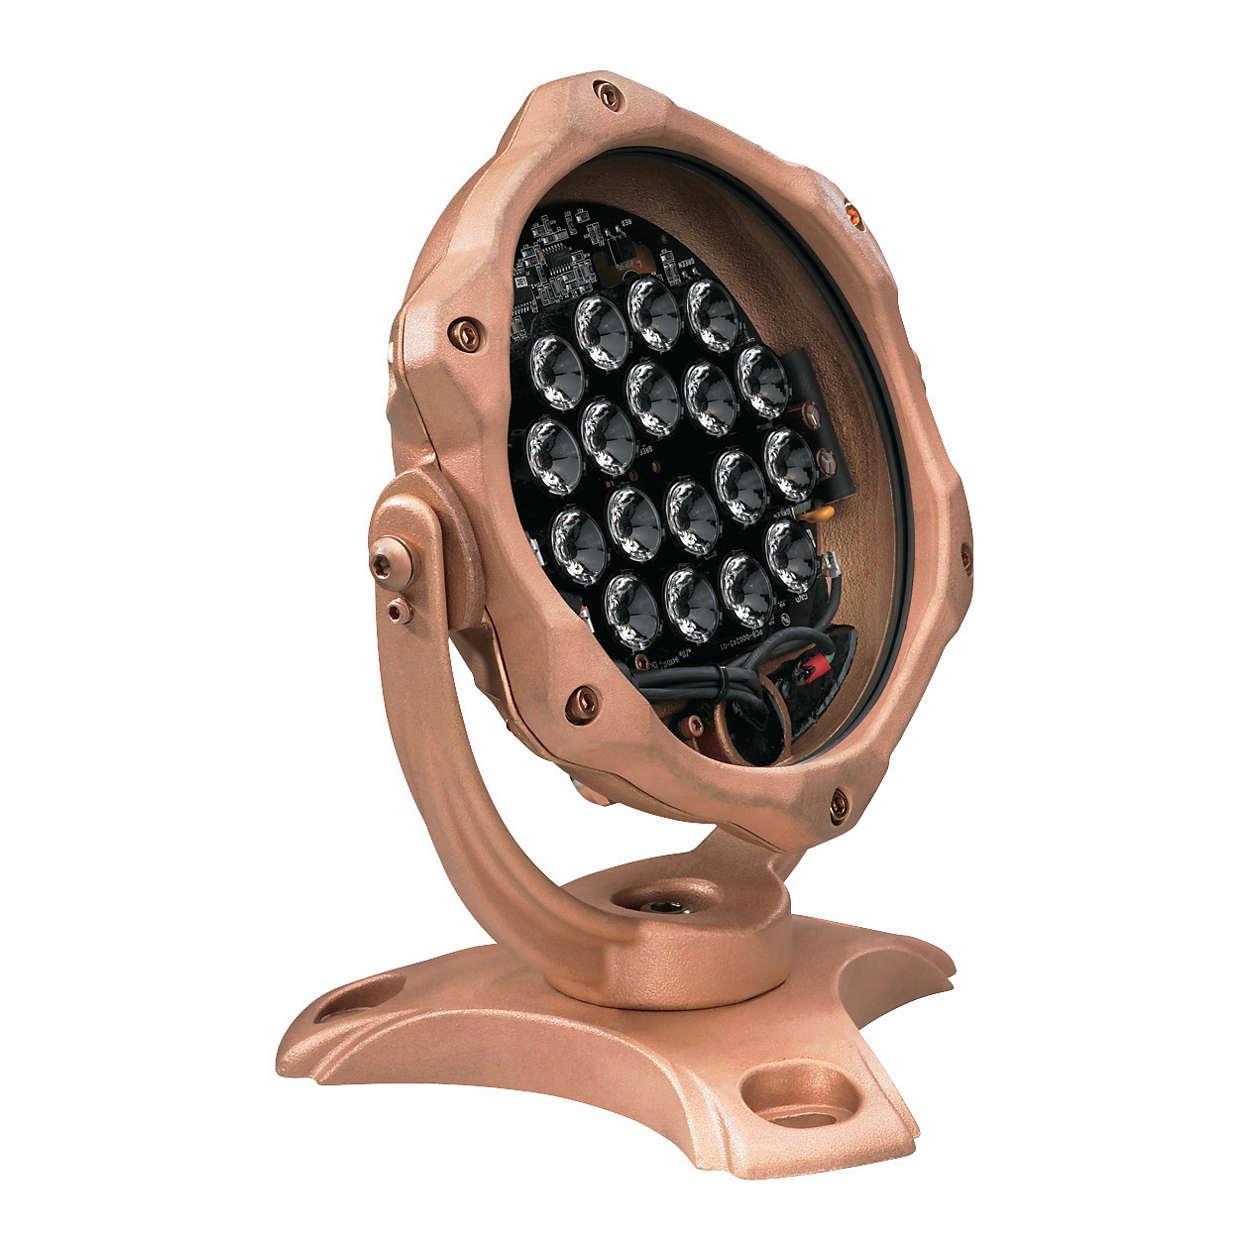 C-Splash 2 – светодиодный точечный светильник с изменением цвета для использования в пресной и соленой воде